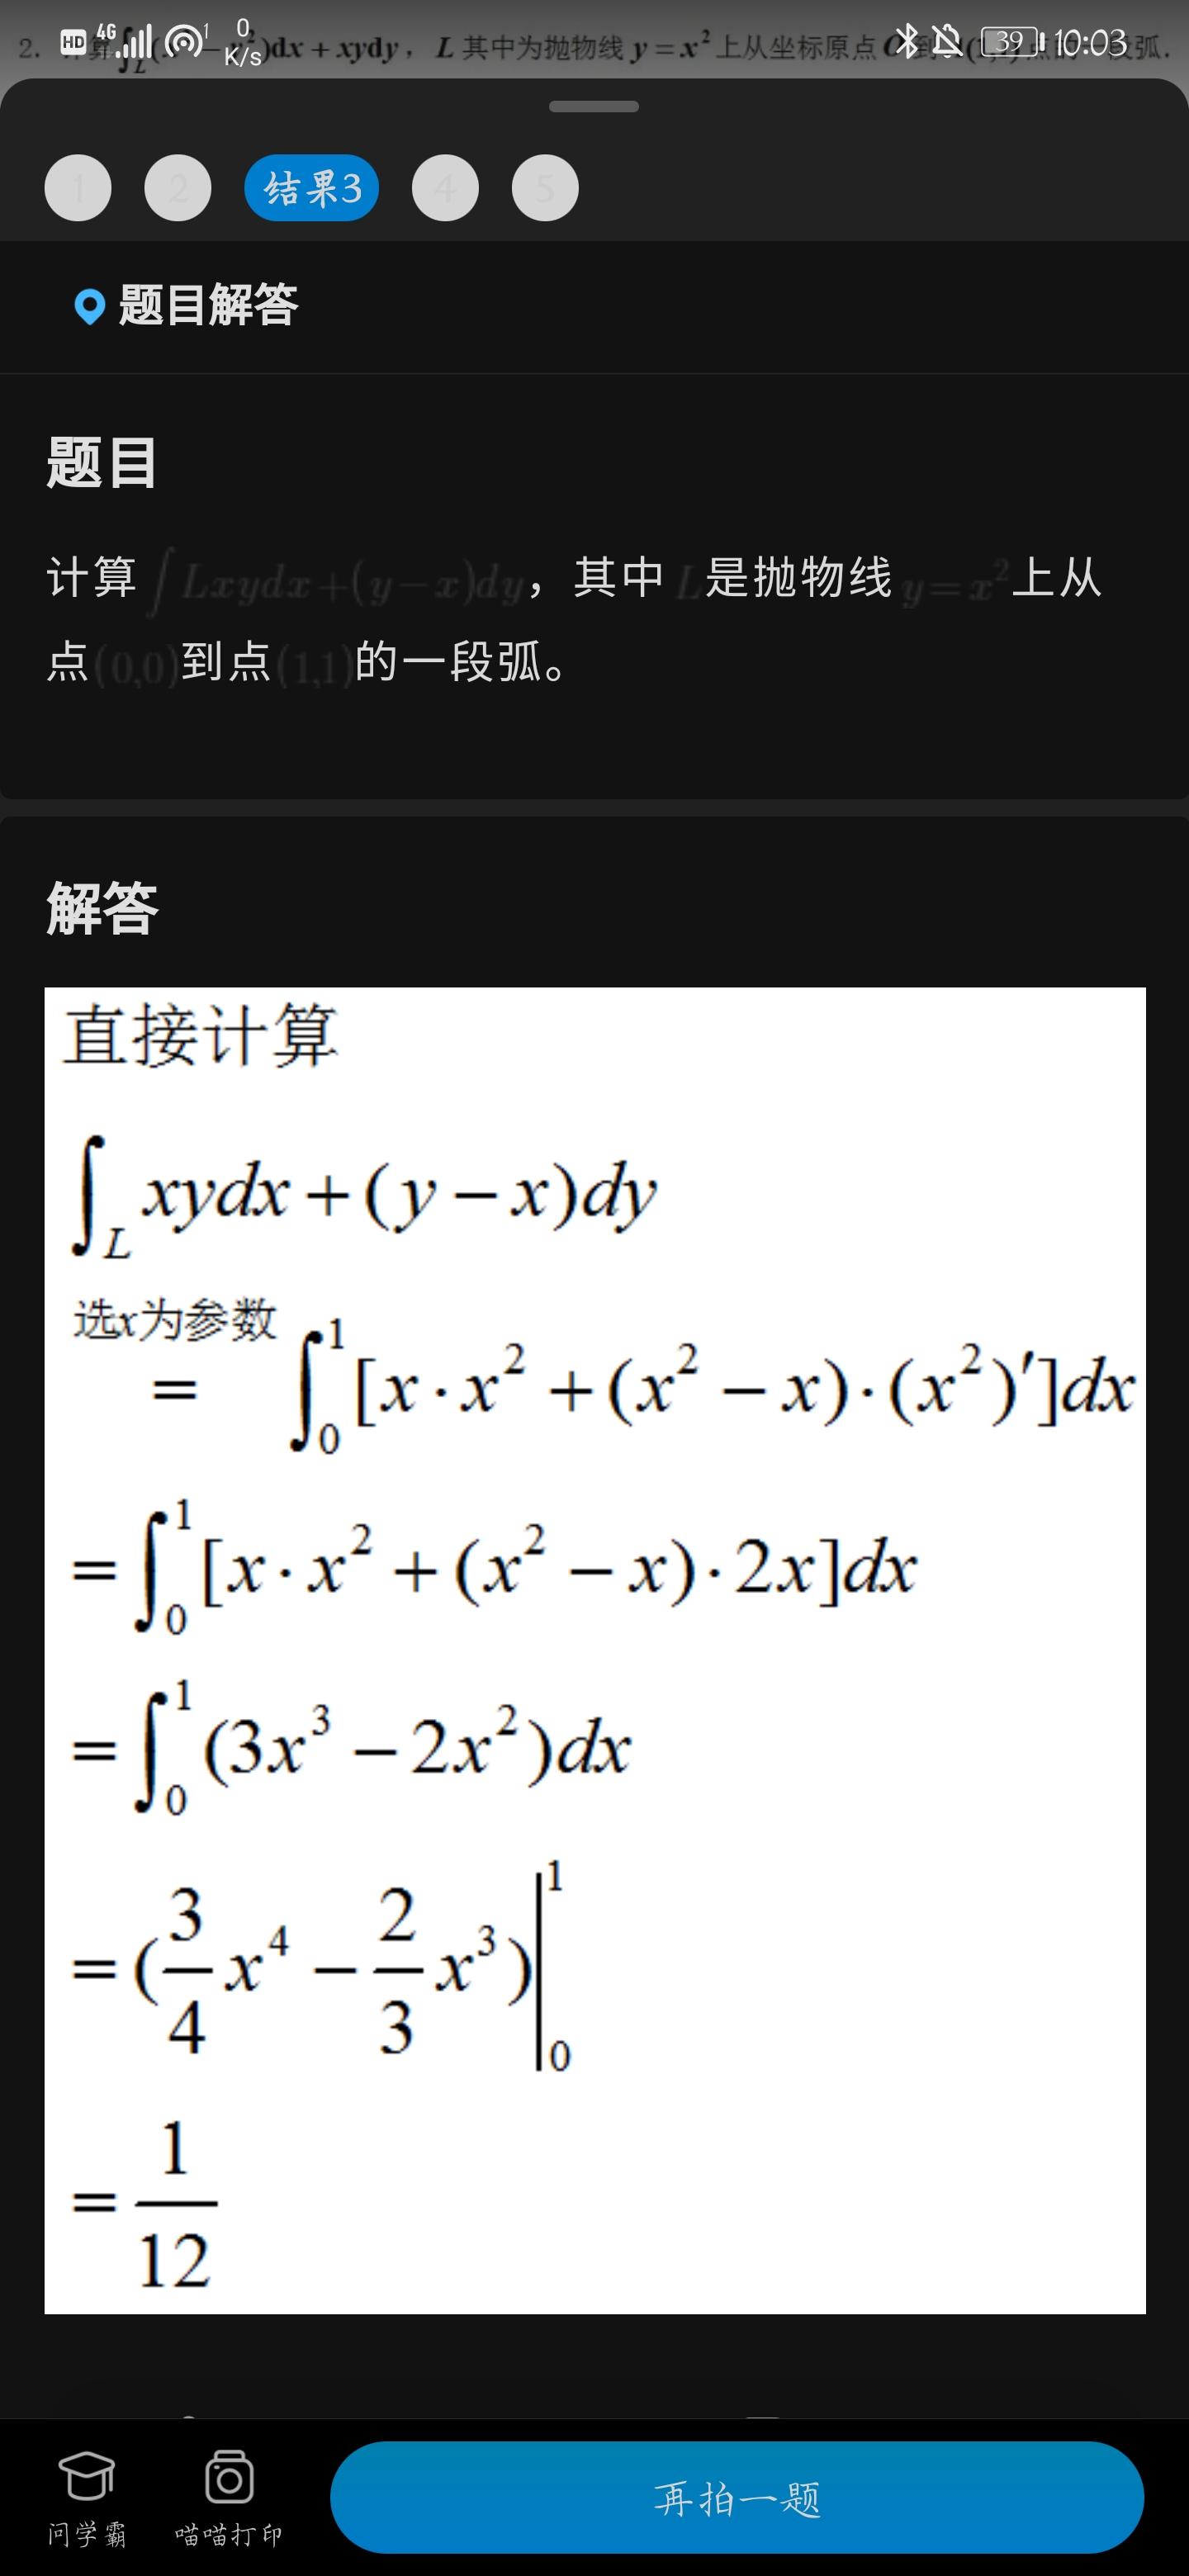 Screenshot_20200522_100312_com.baidu.homework.jpg